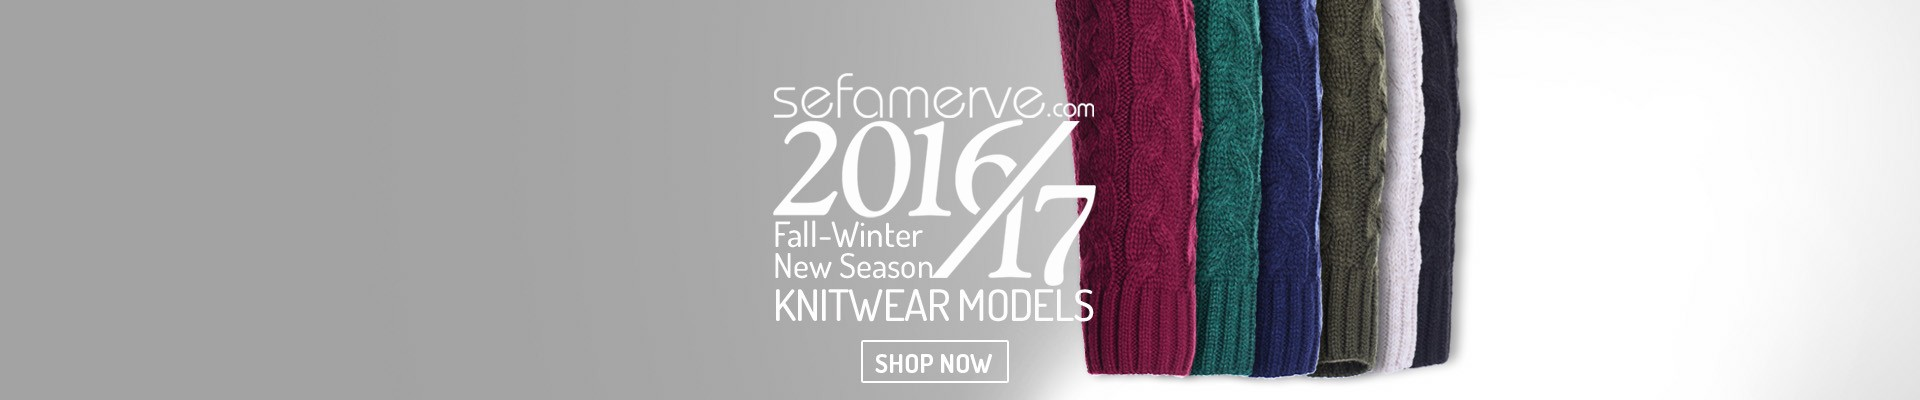 Knitwear Models